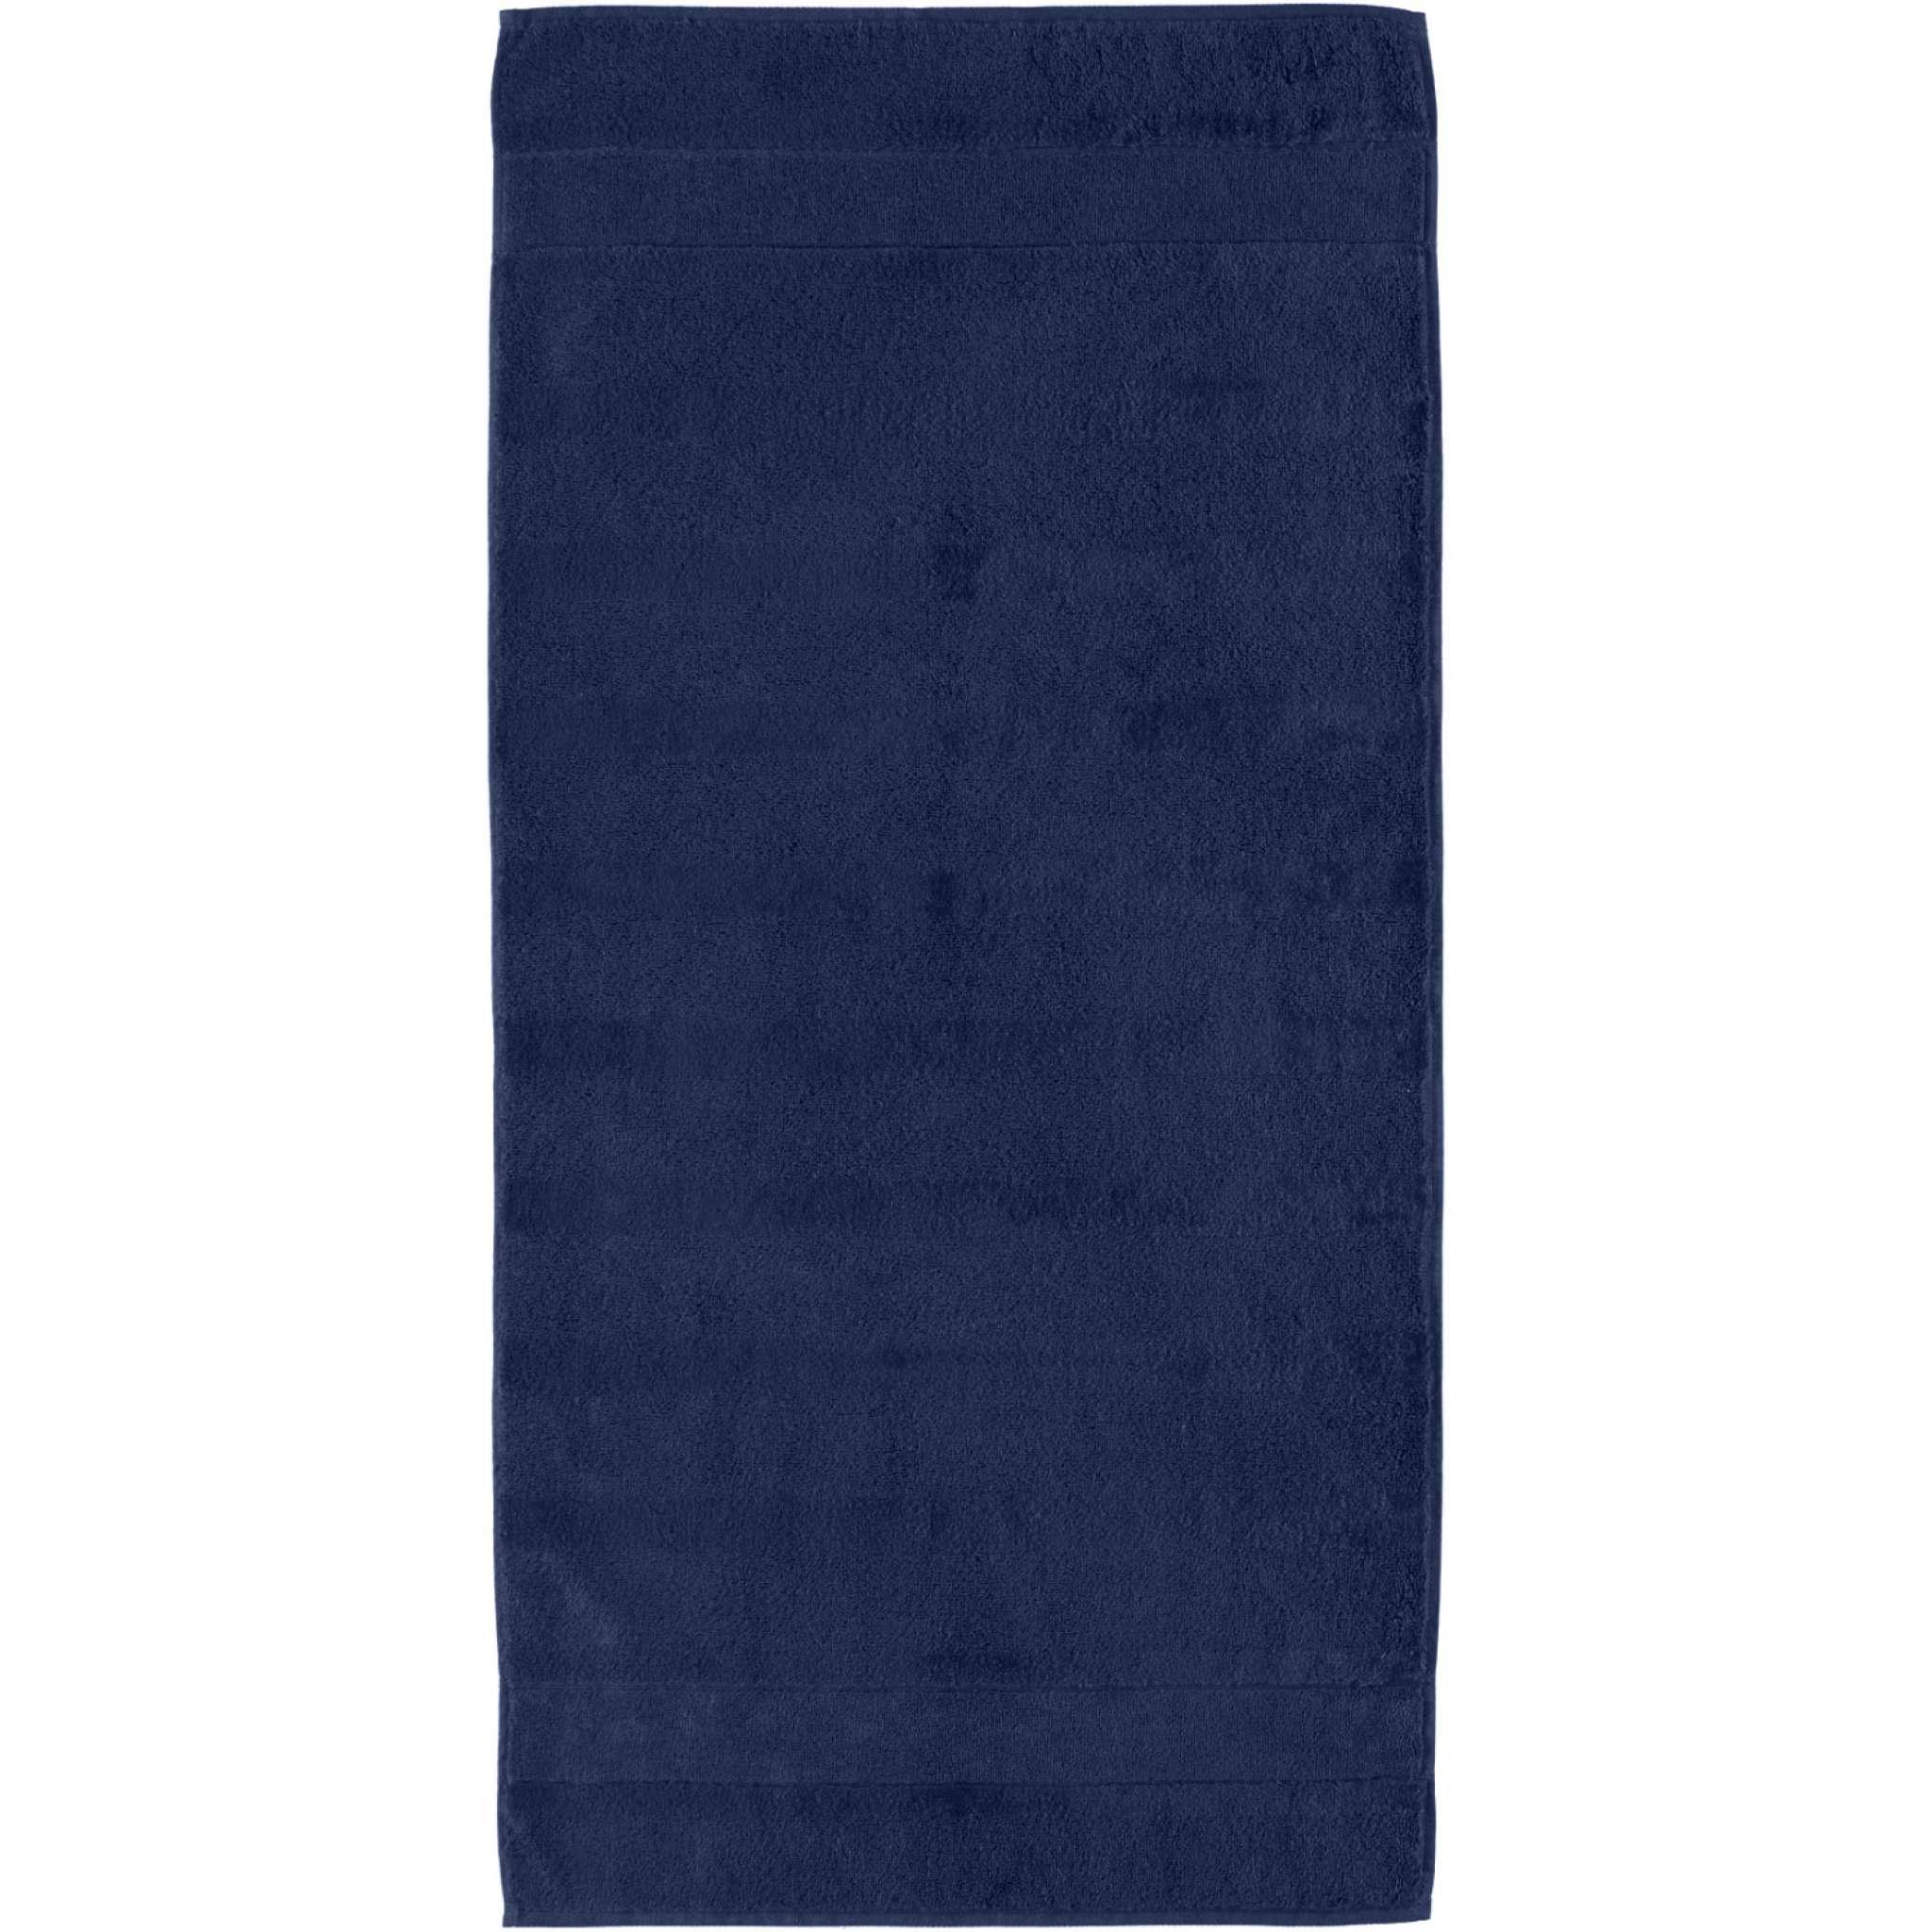 Cawö håndkle, marineblå